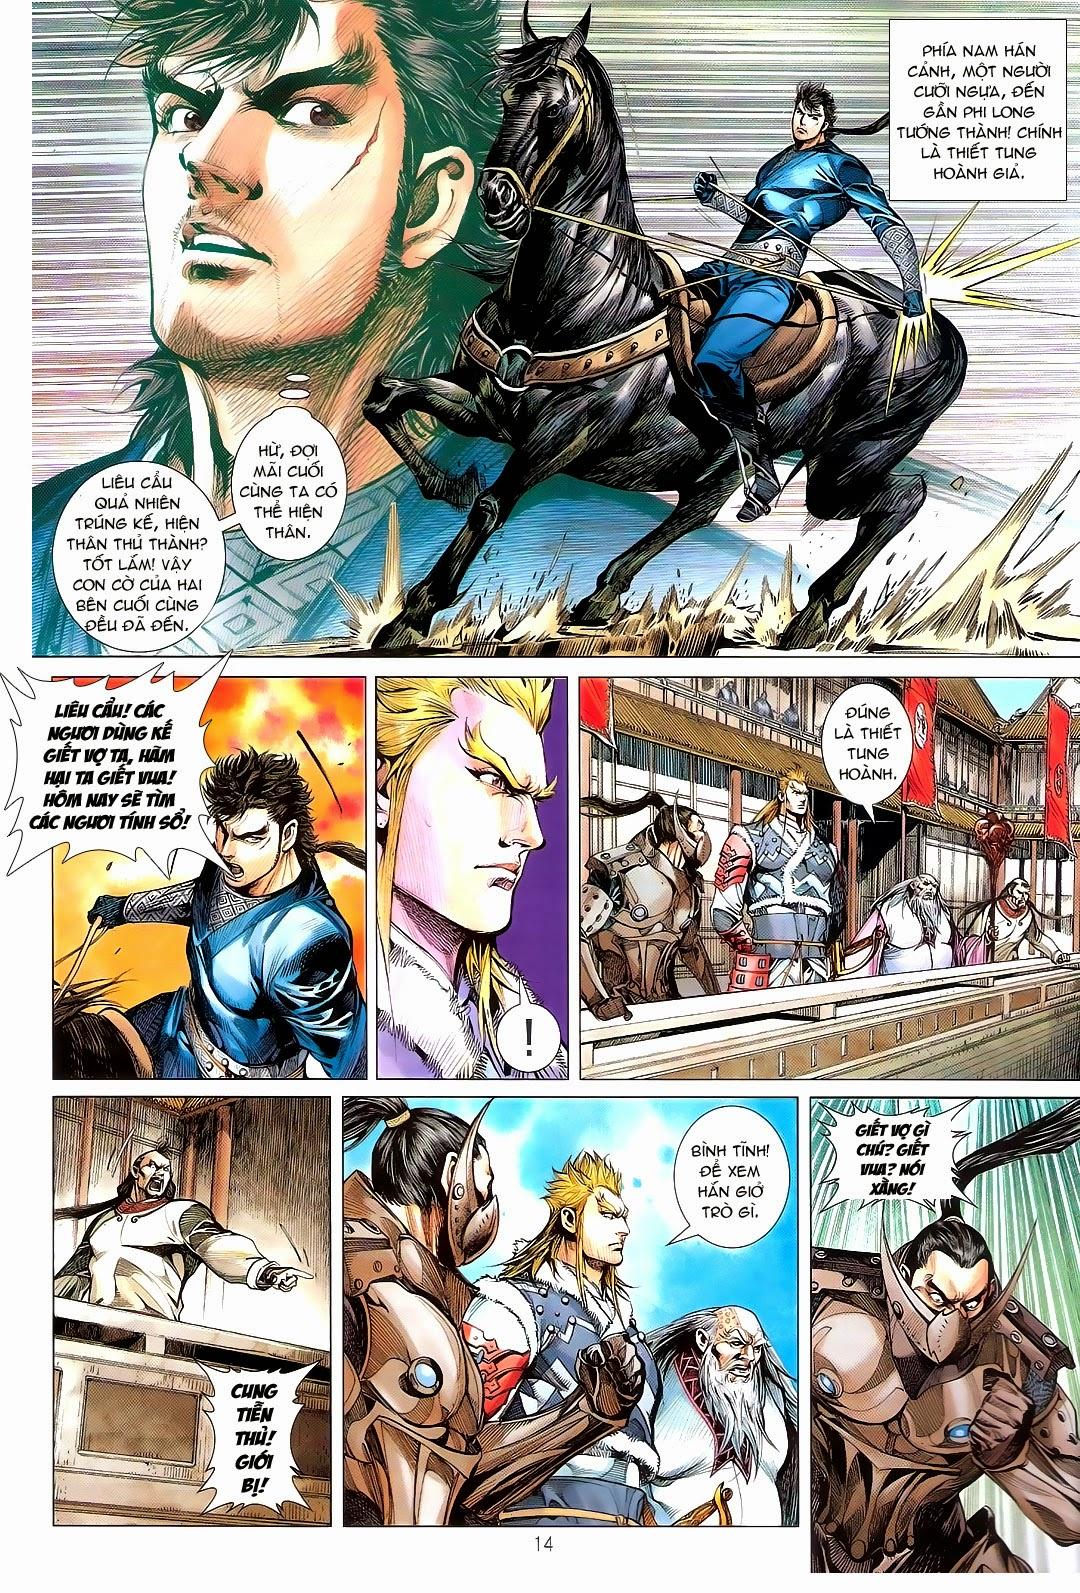 tuoithodudoi.com Thiết Tướng Tung Hoành Chapter 110 - 14.jpg